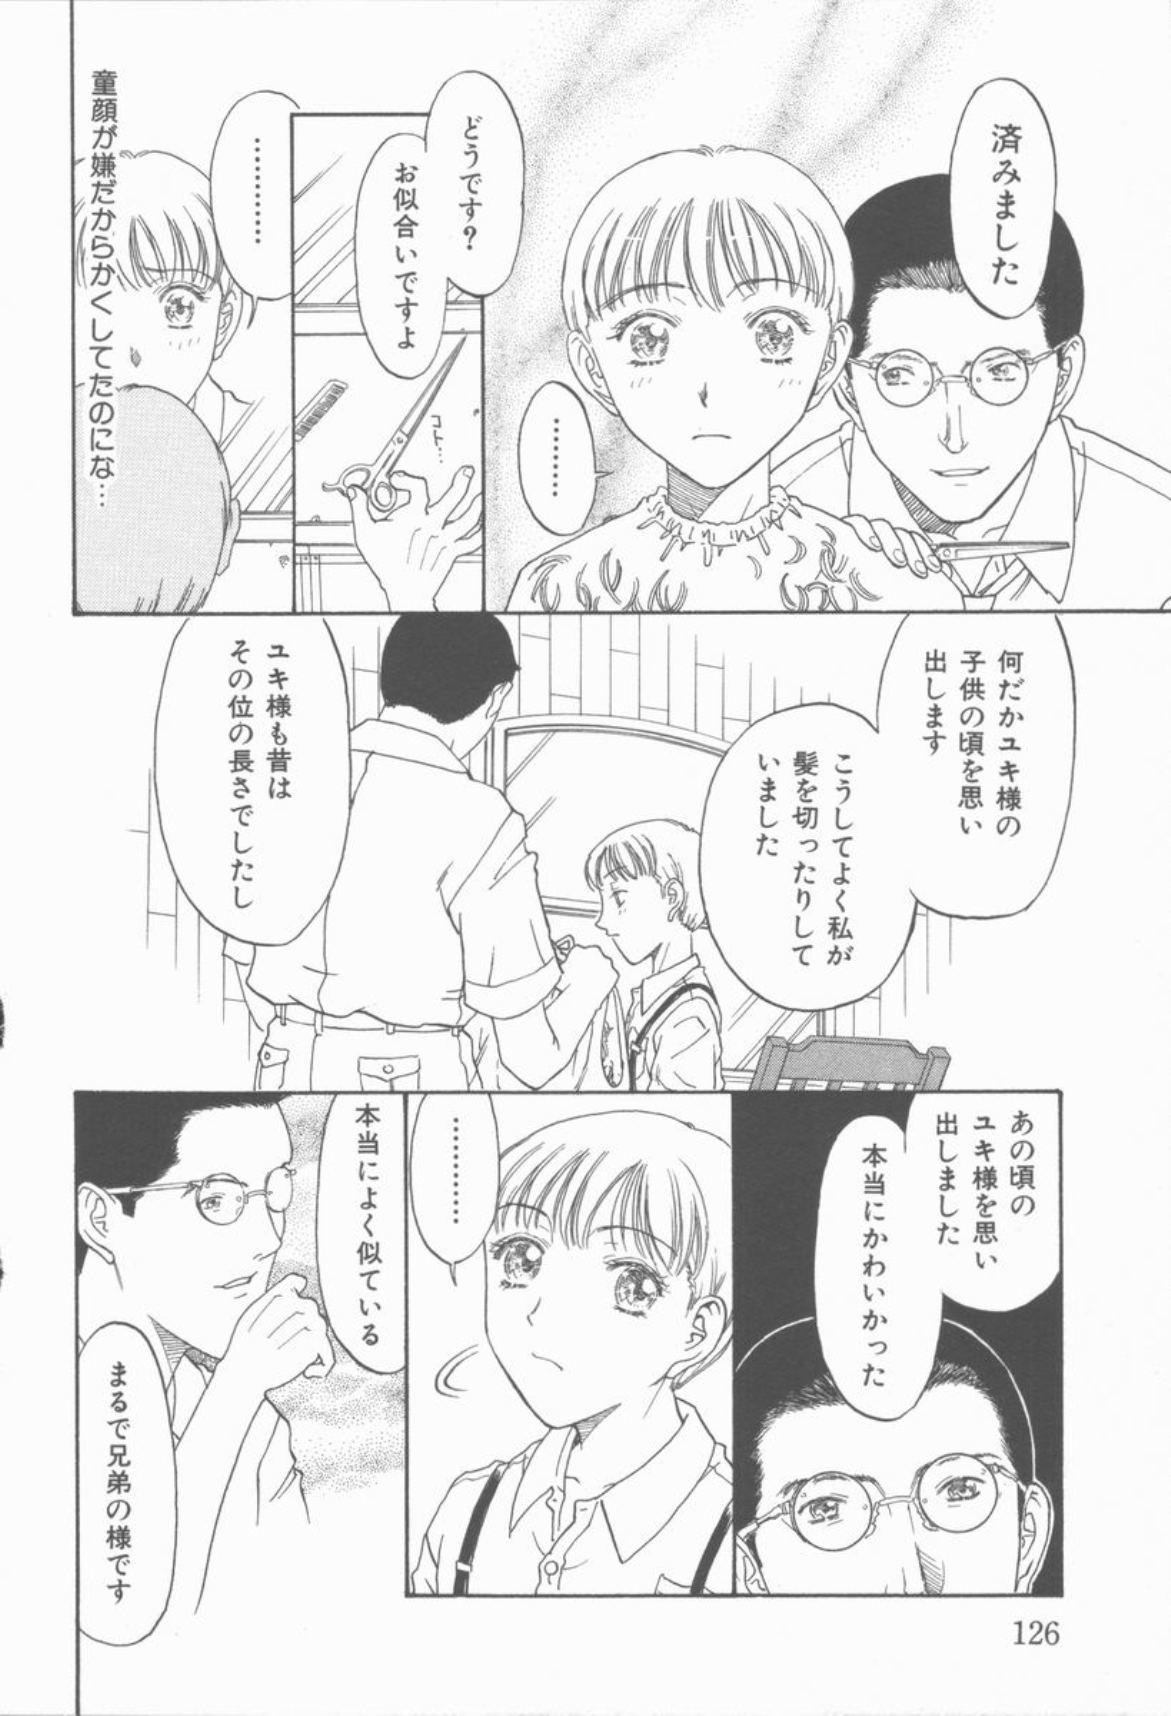 Inma no Sumu Yakata 126